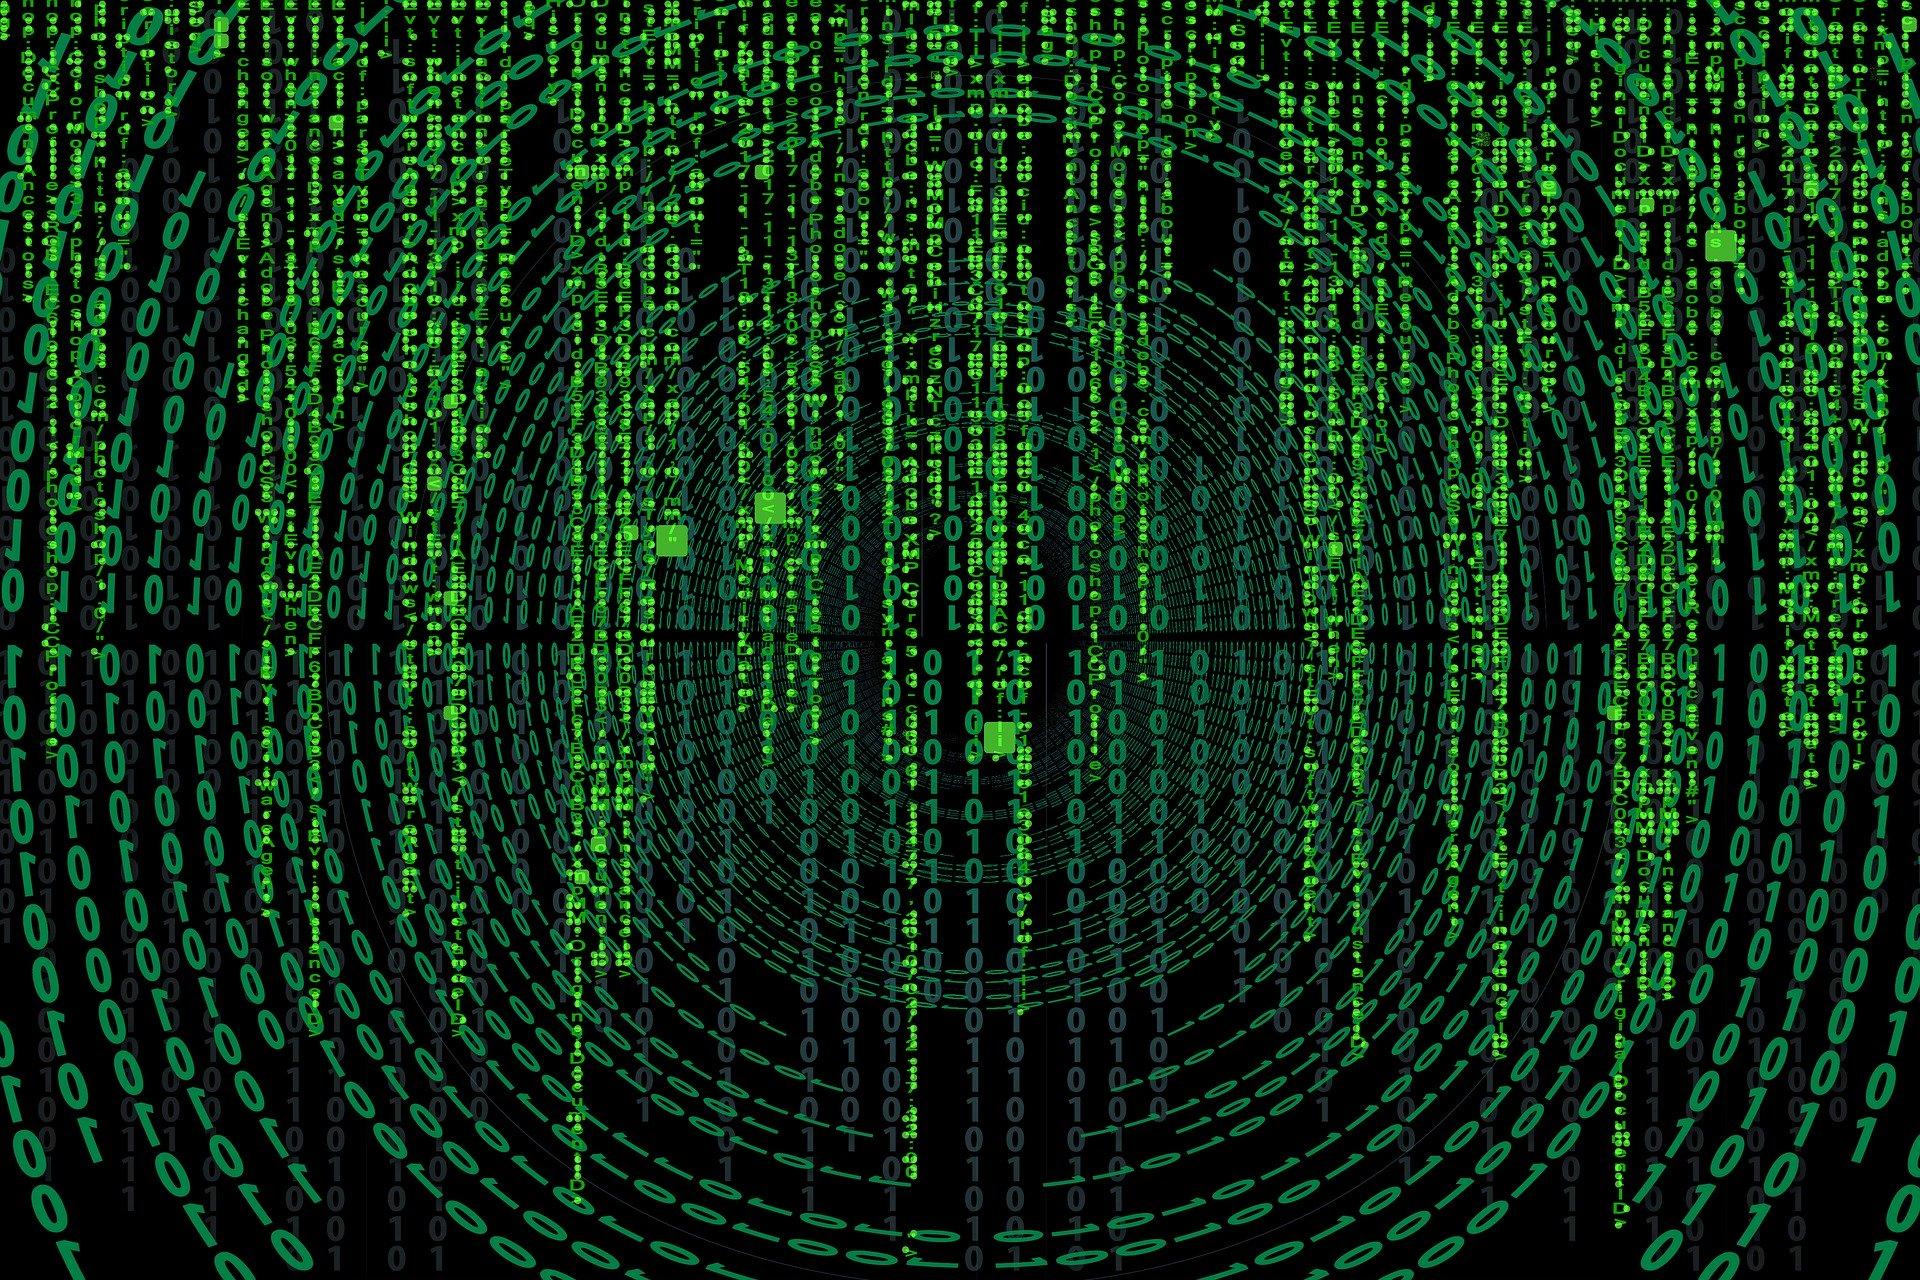 La Cybersecurity come strumento per contrastare il crimine in rete